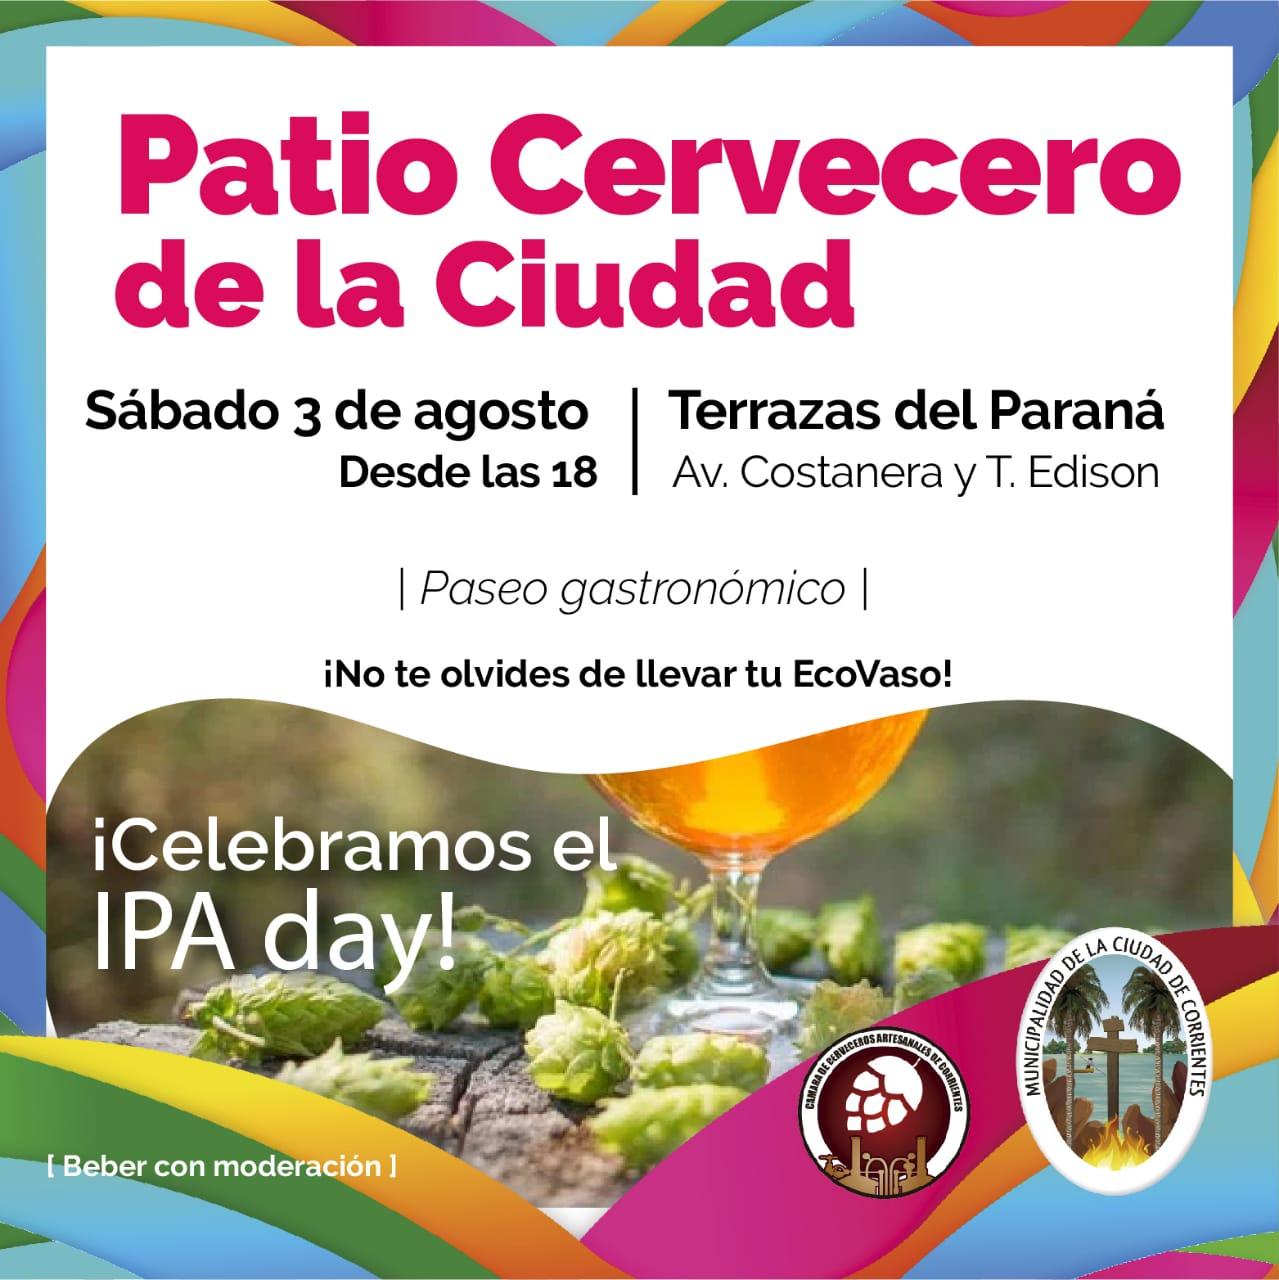 El Patio Cervecero de la Ciudad este sábado en las Terrazas del Paraná